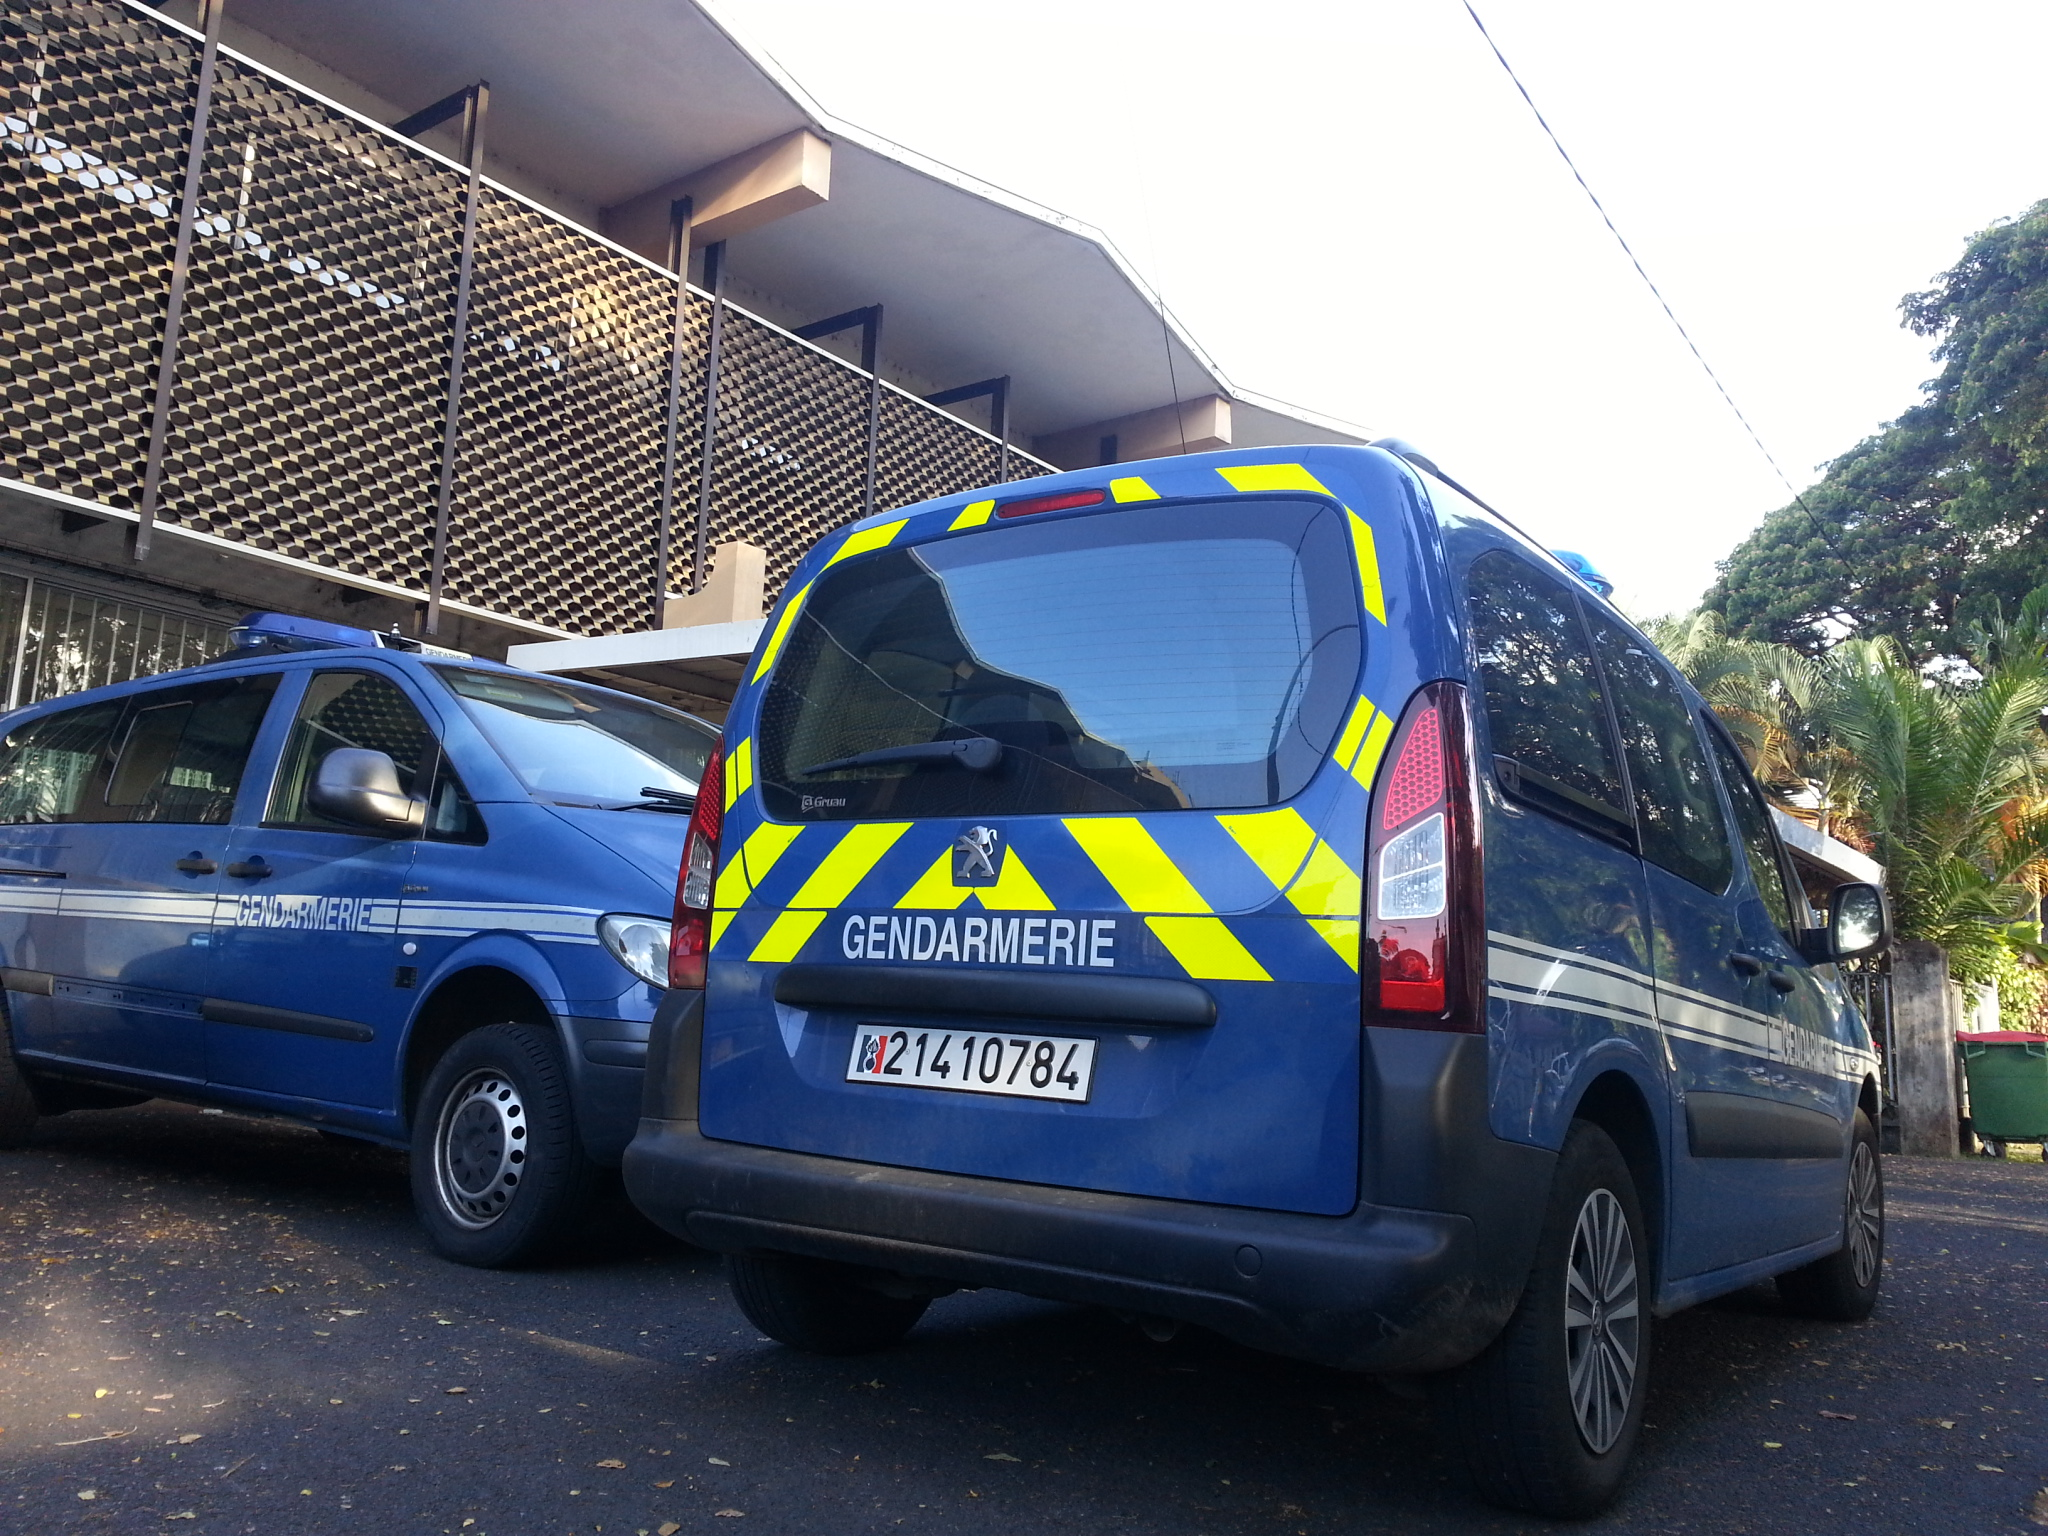 Après plusieurs jours de garde à vue dans les locaux de la section de recherches de la gendarmerie, quatre suspects ont été déférés cet après-midi au parquet dans cette affaire.